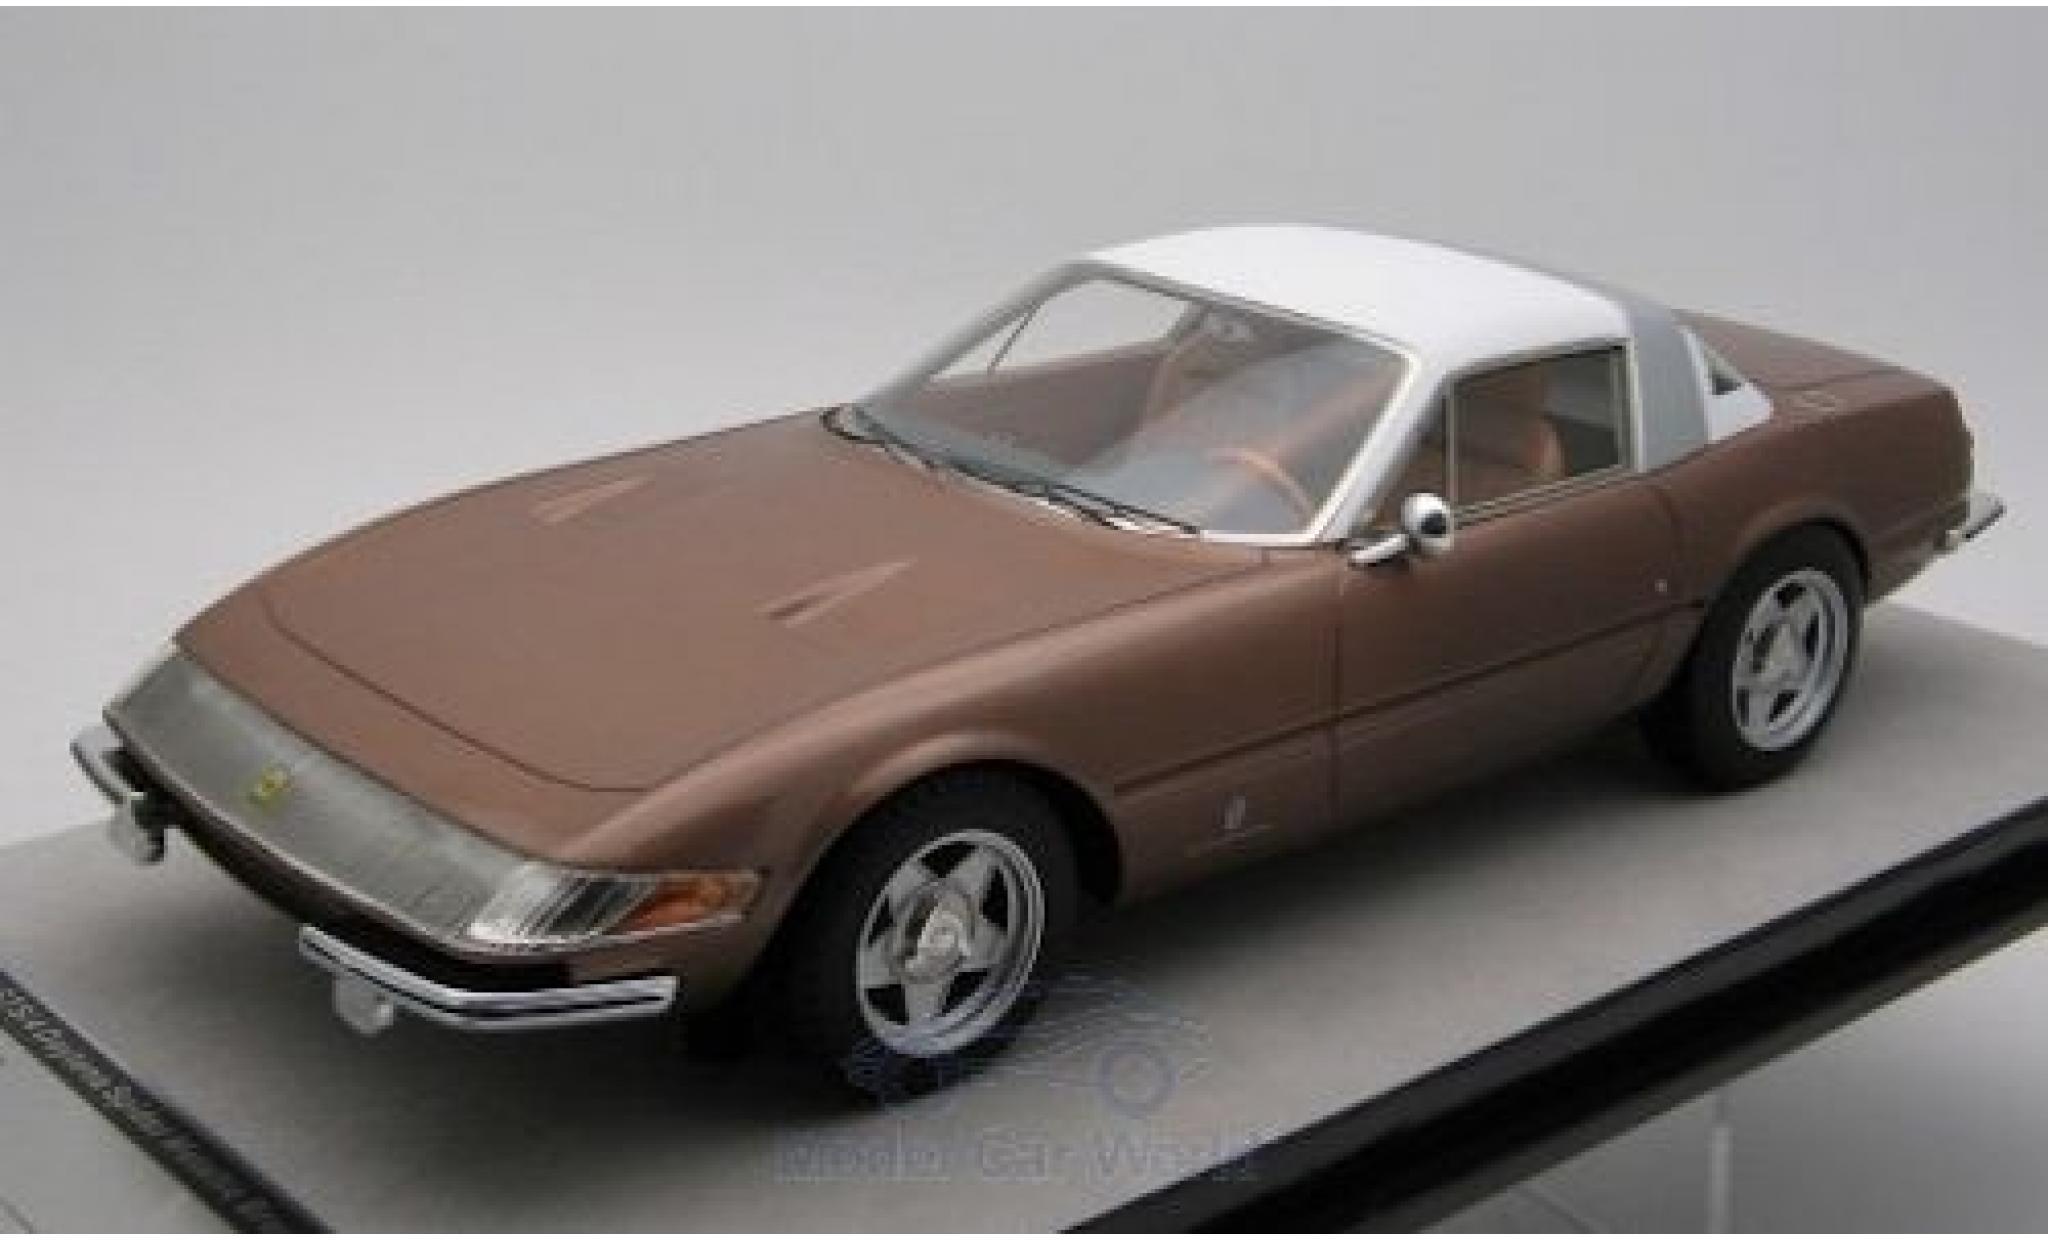 Ferrari 365 1/18 Tecnomodel GTB/4 Daytona Coupe Speciale metallise bronze/blanche 1969